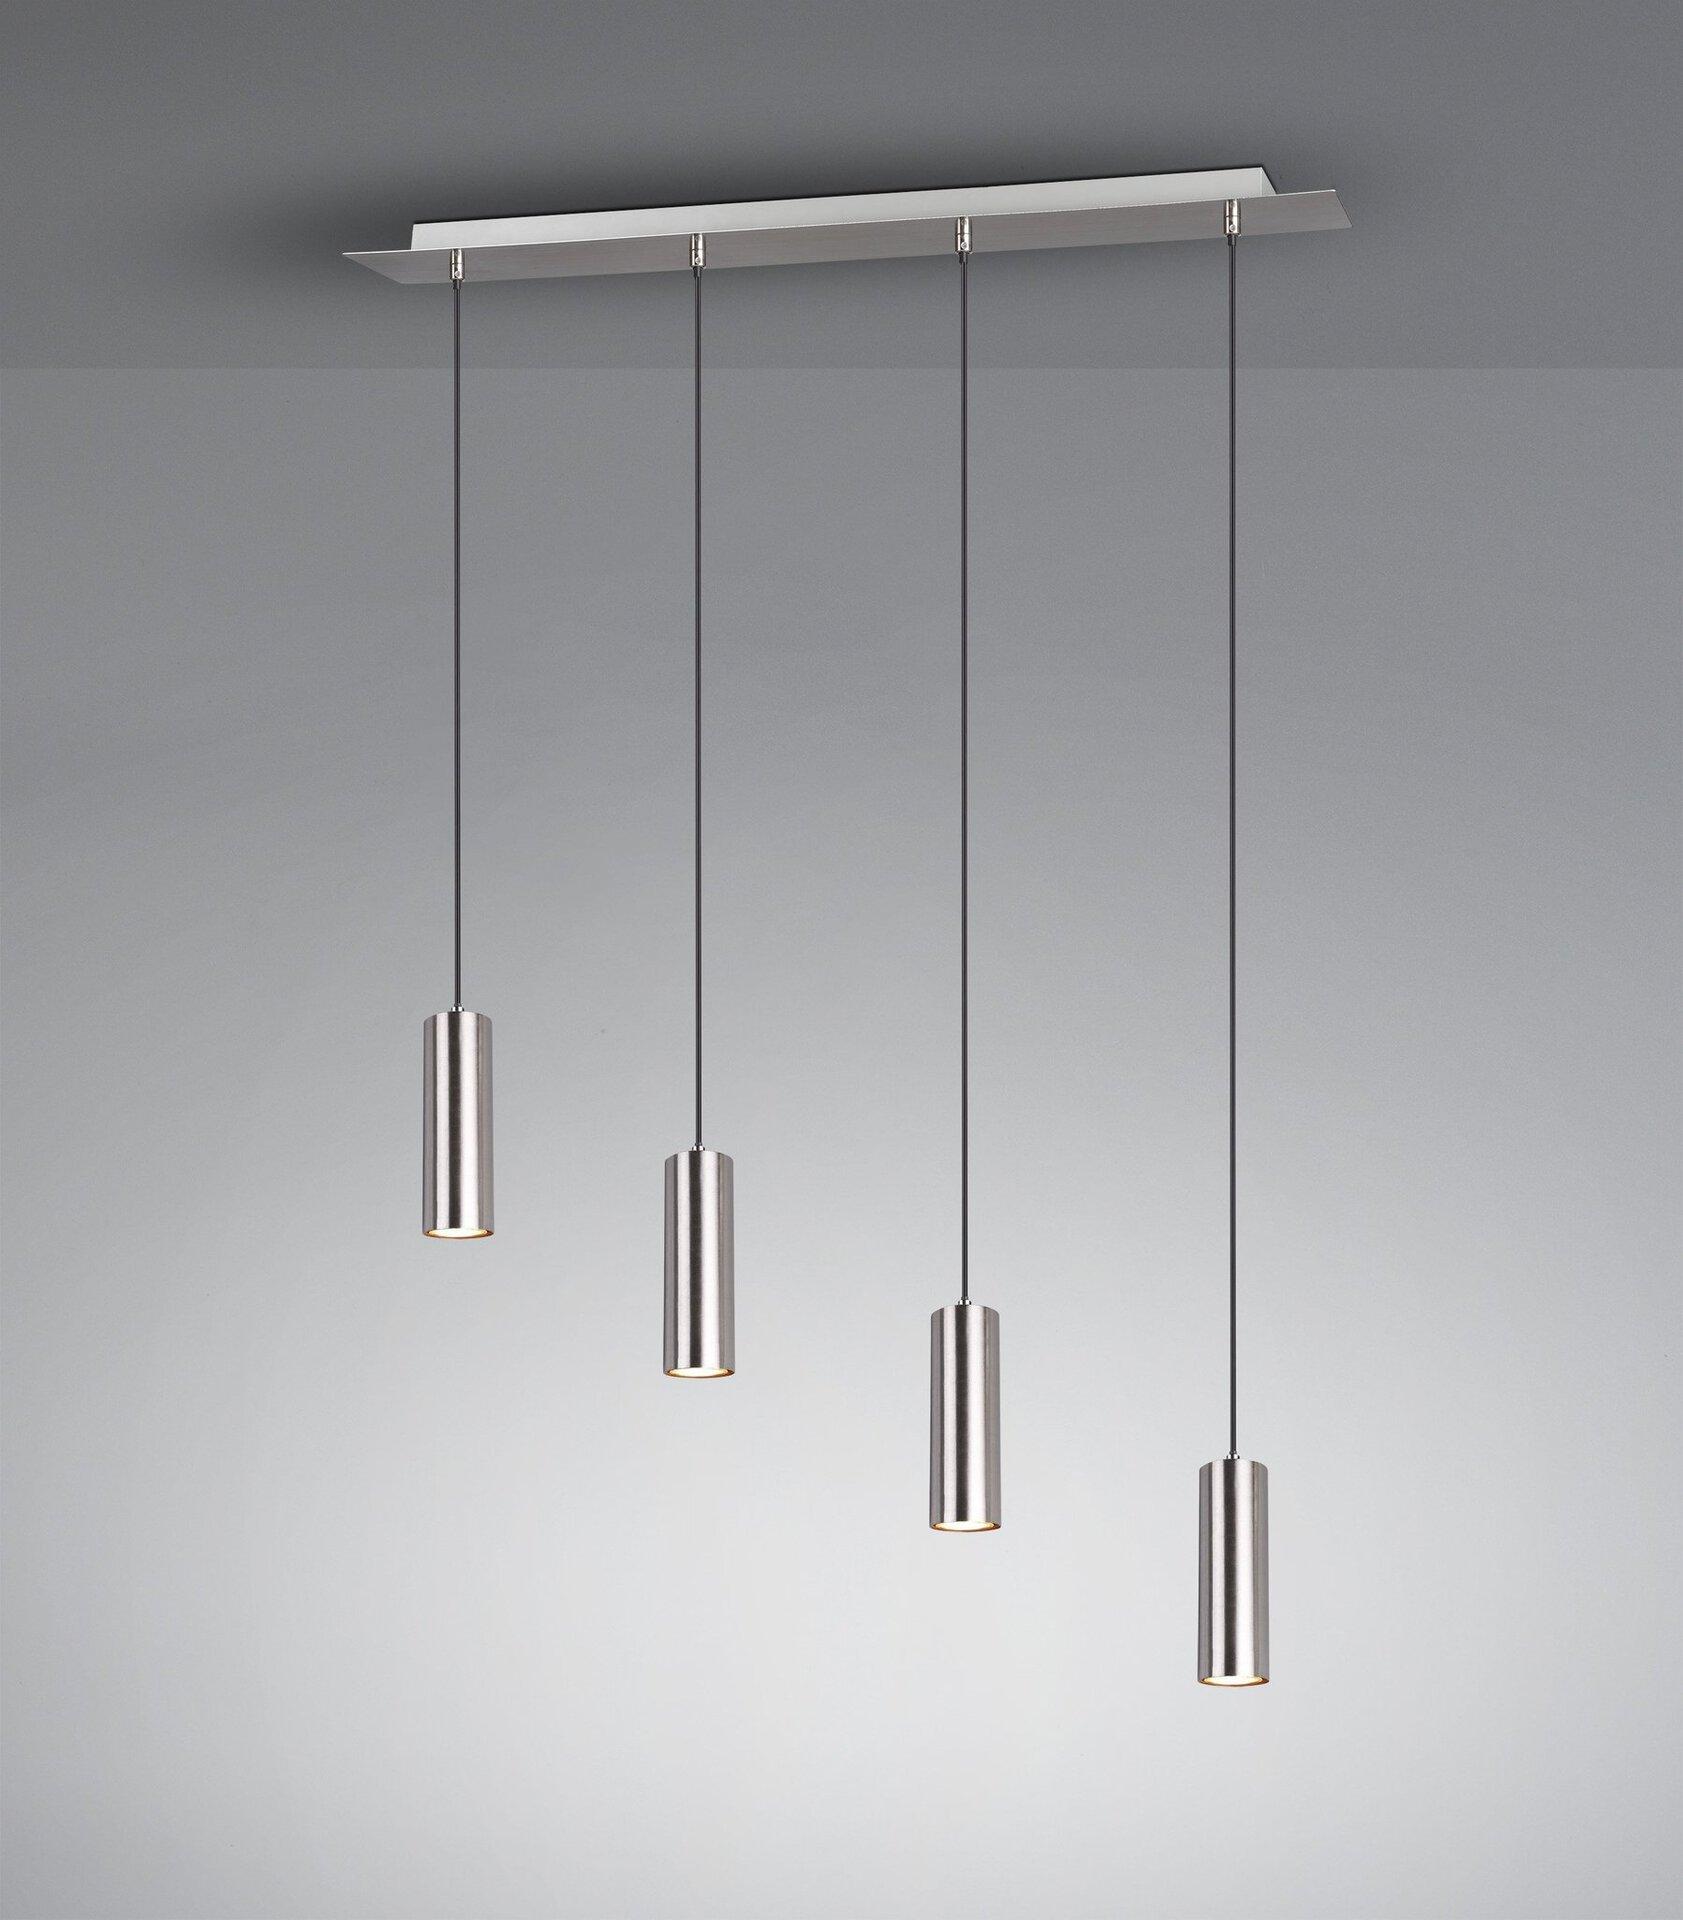 Pendelleuchte Marley Trio Leuchten Metall 9 x 150 x 75 cm